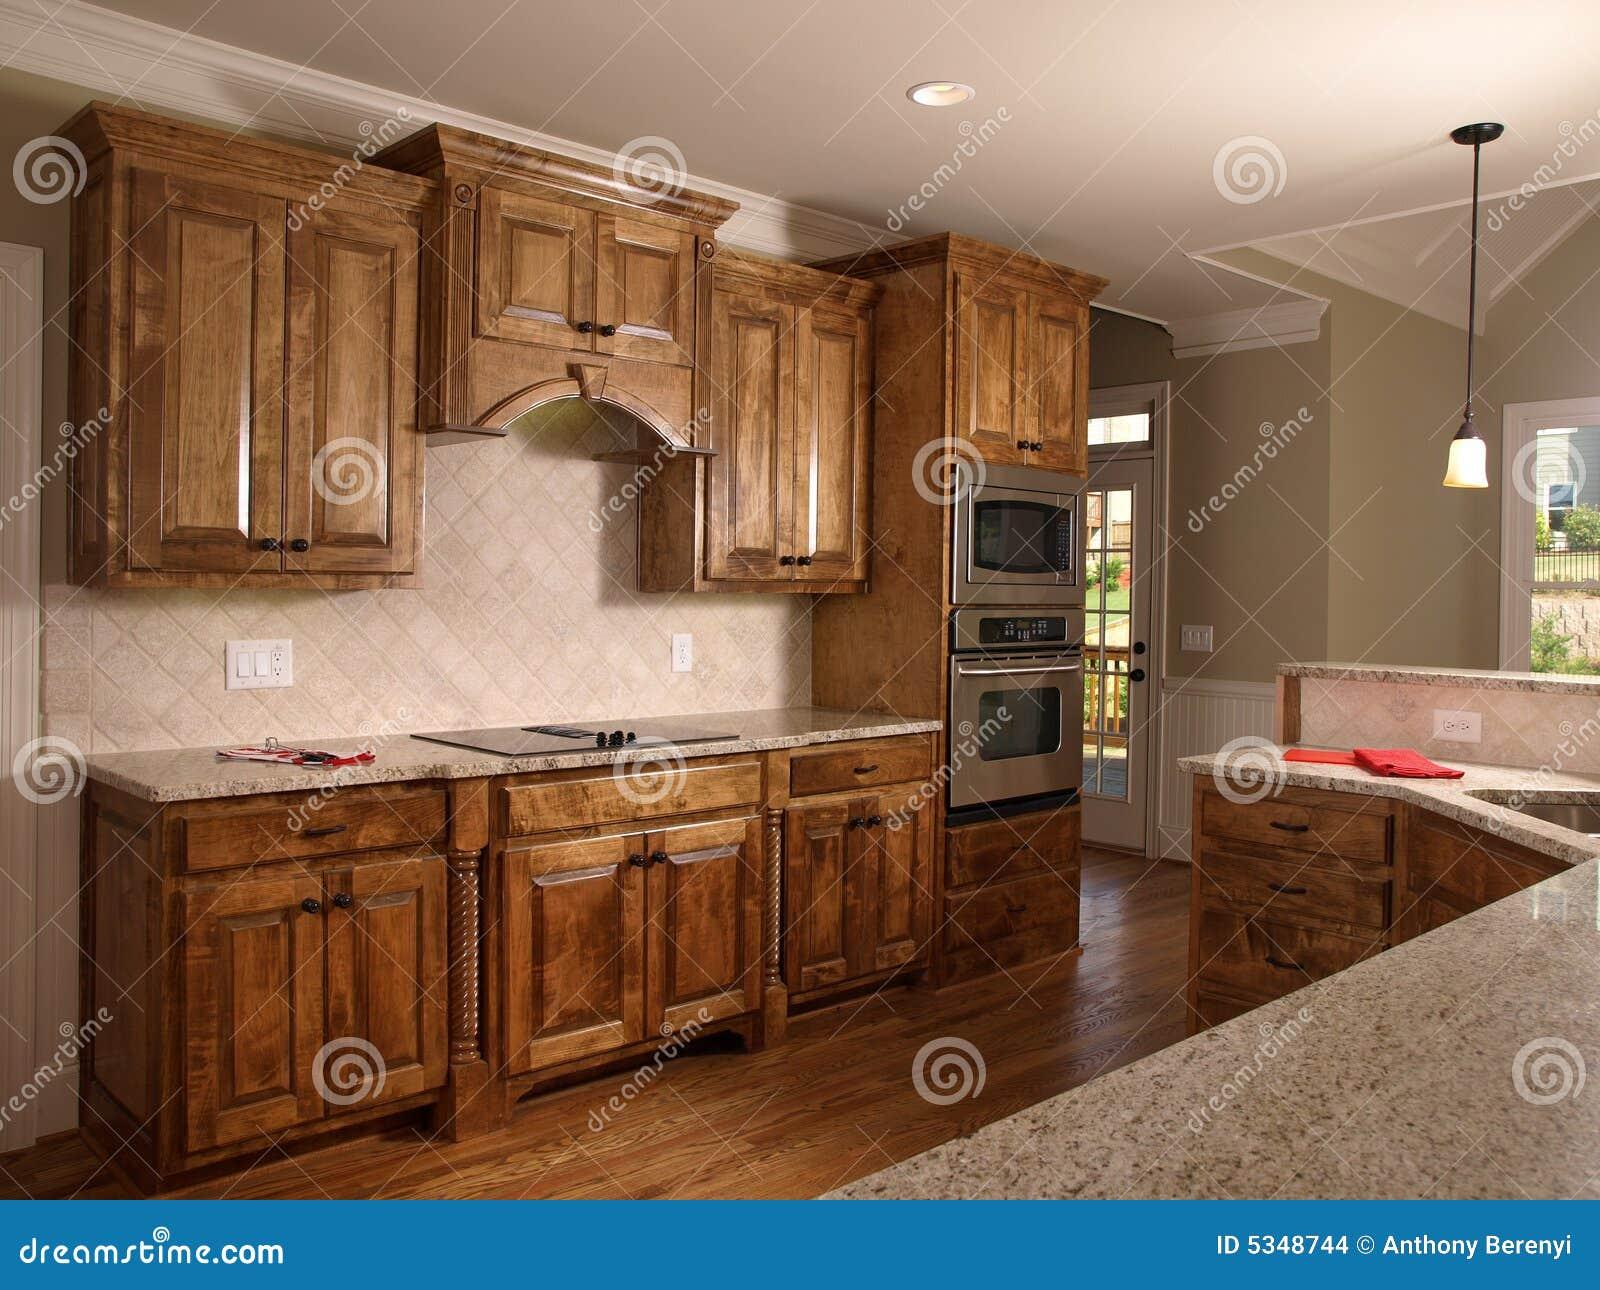 cuisine de luxe 2 d 39 rable de maison mod le images stock image 5348744